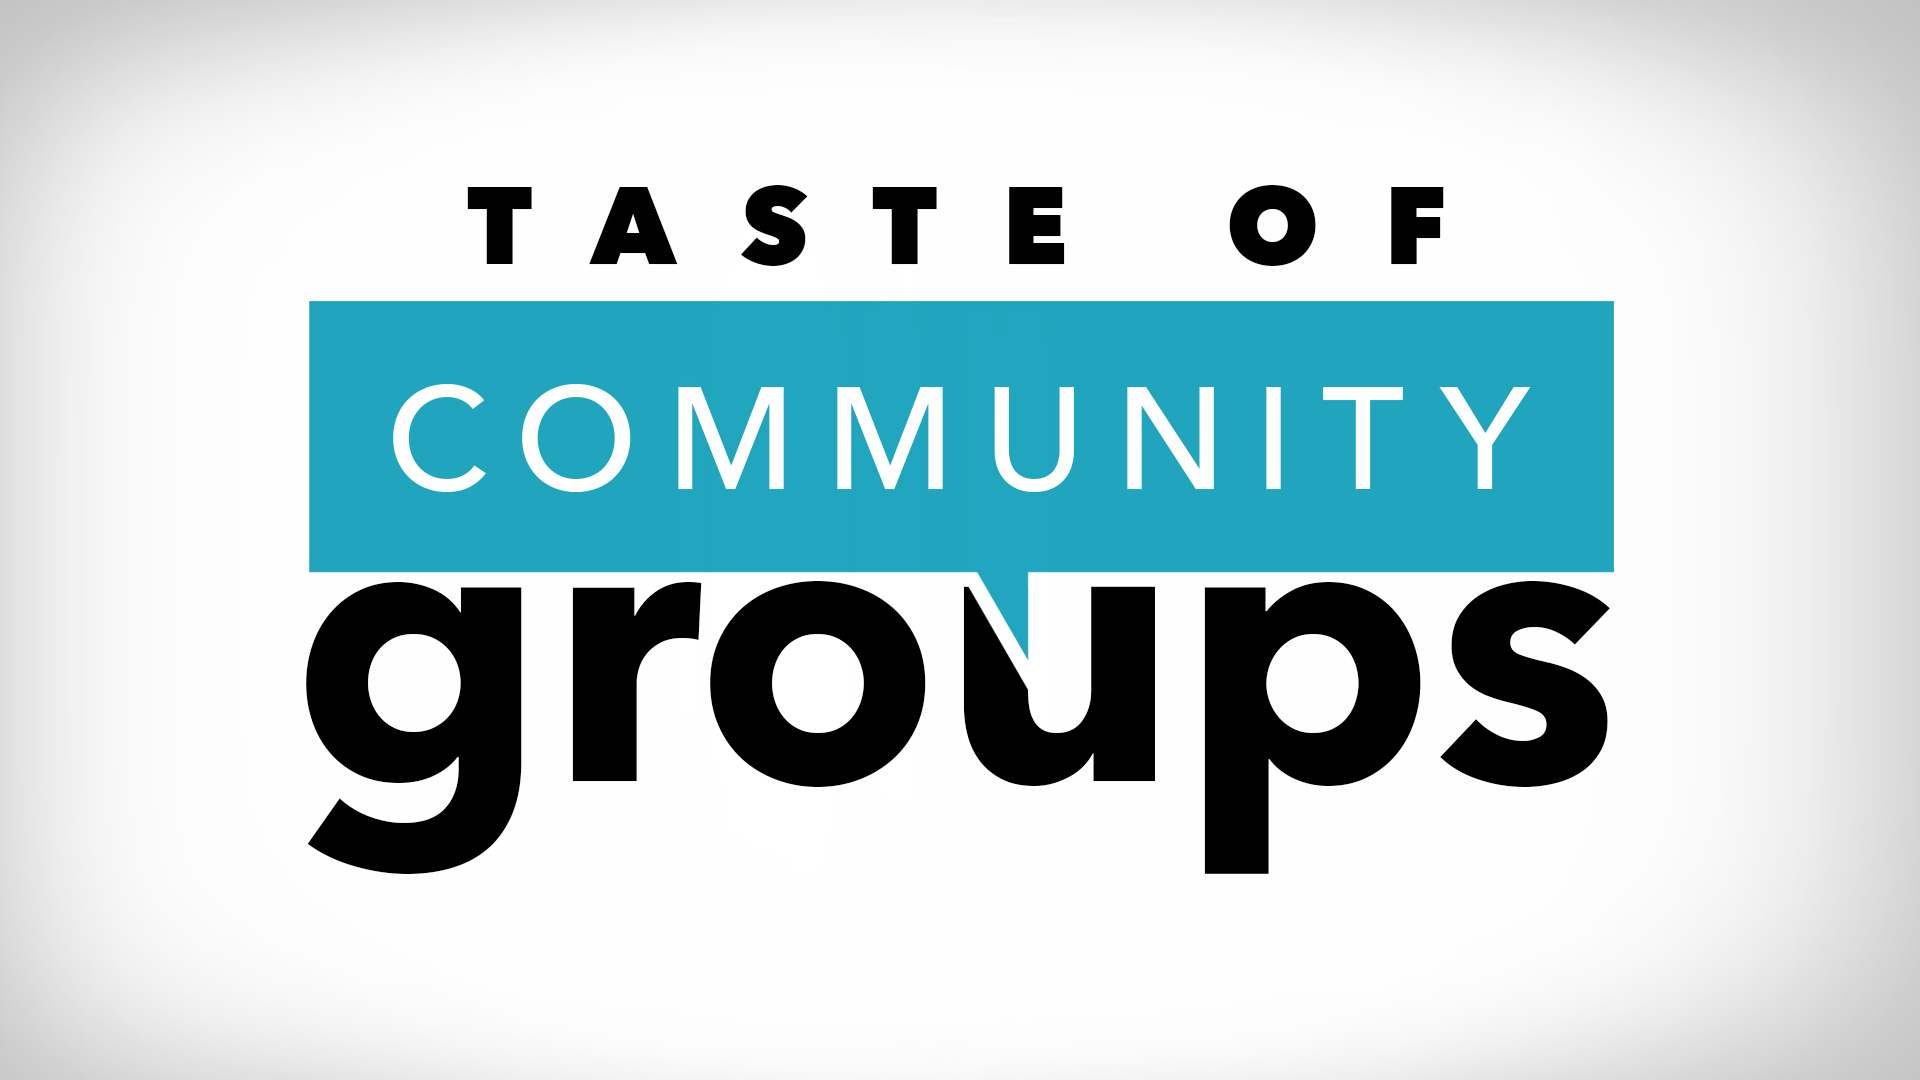 Taste of community groups logo